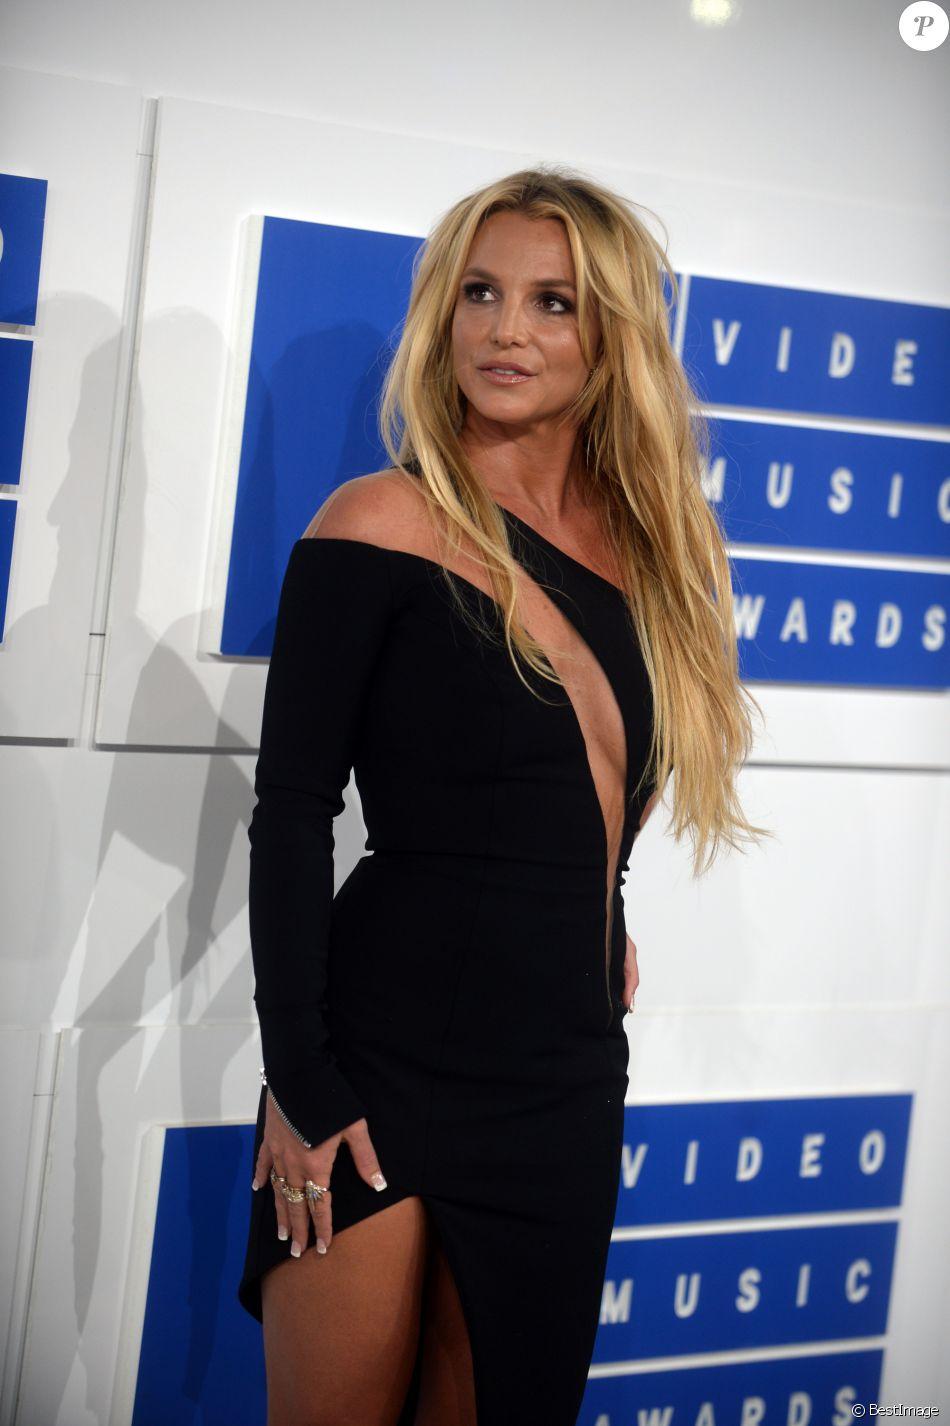 Britney Spears à la soirée des MTV Video Music Awards 2016 à Madison Square Garden à New York, le 28 aout 2016.